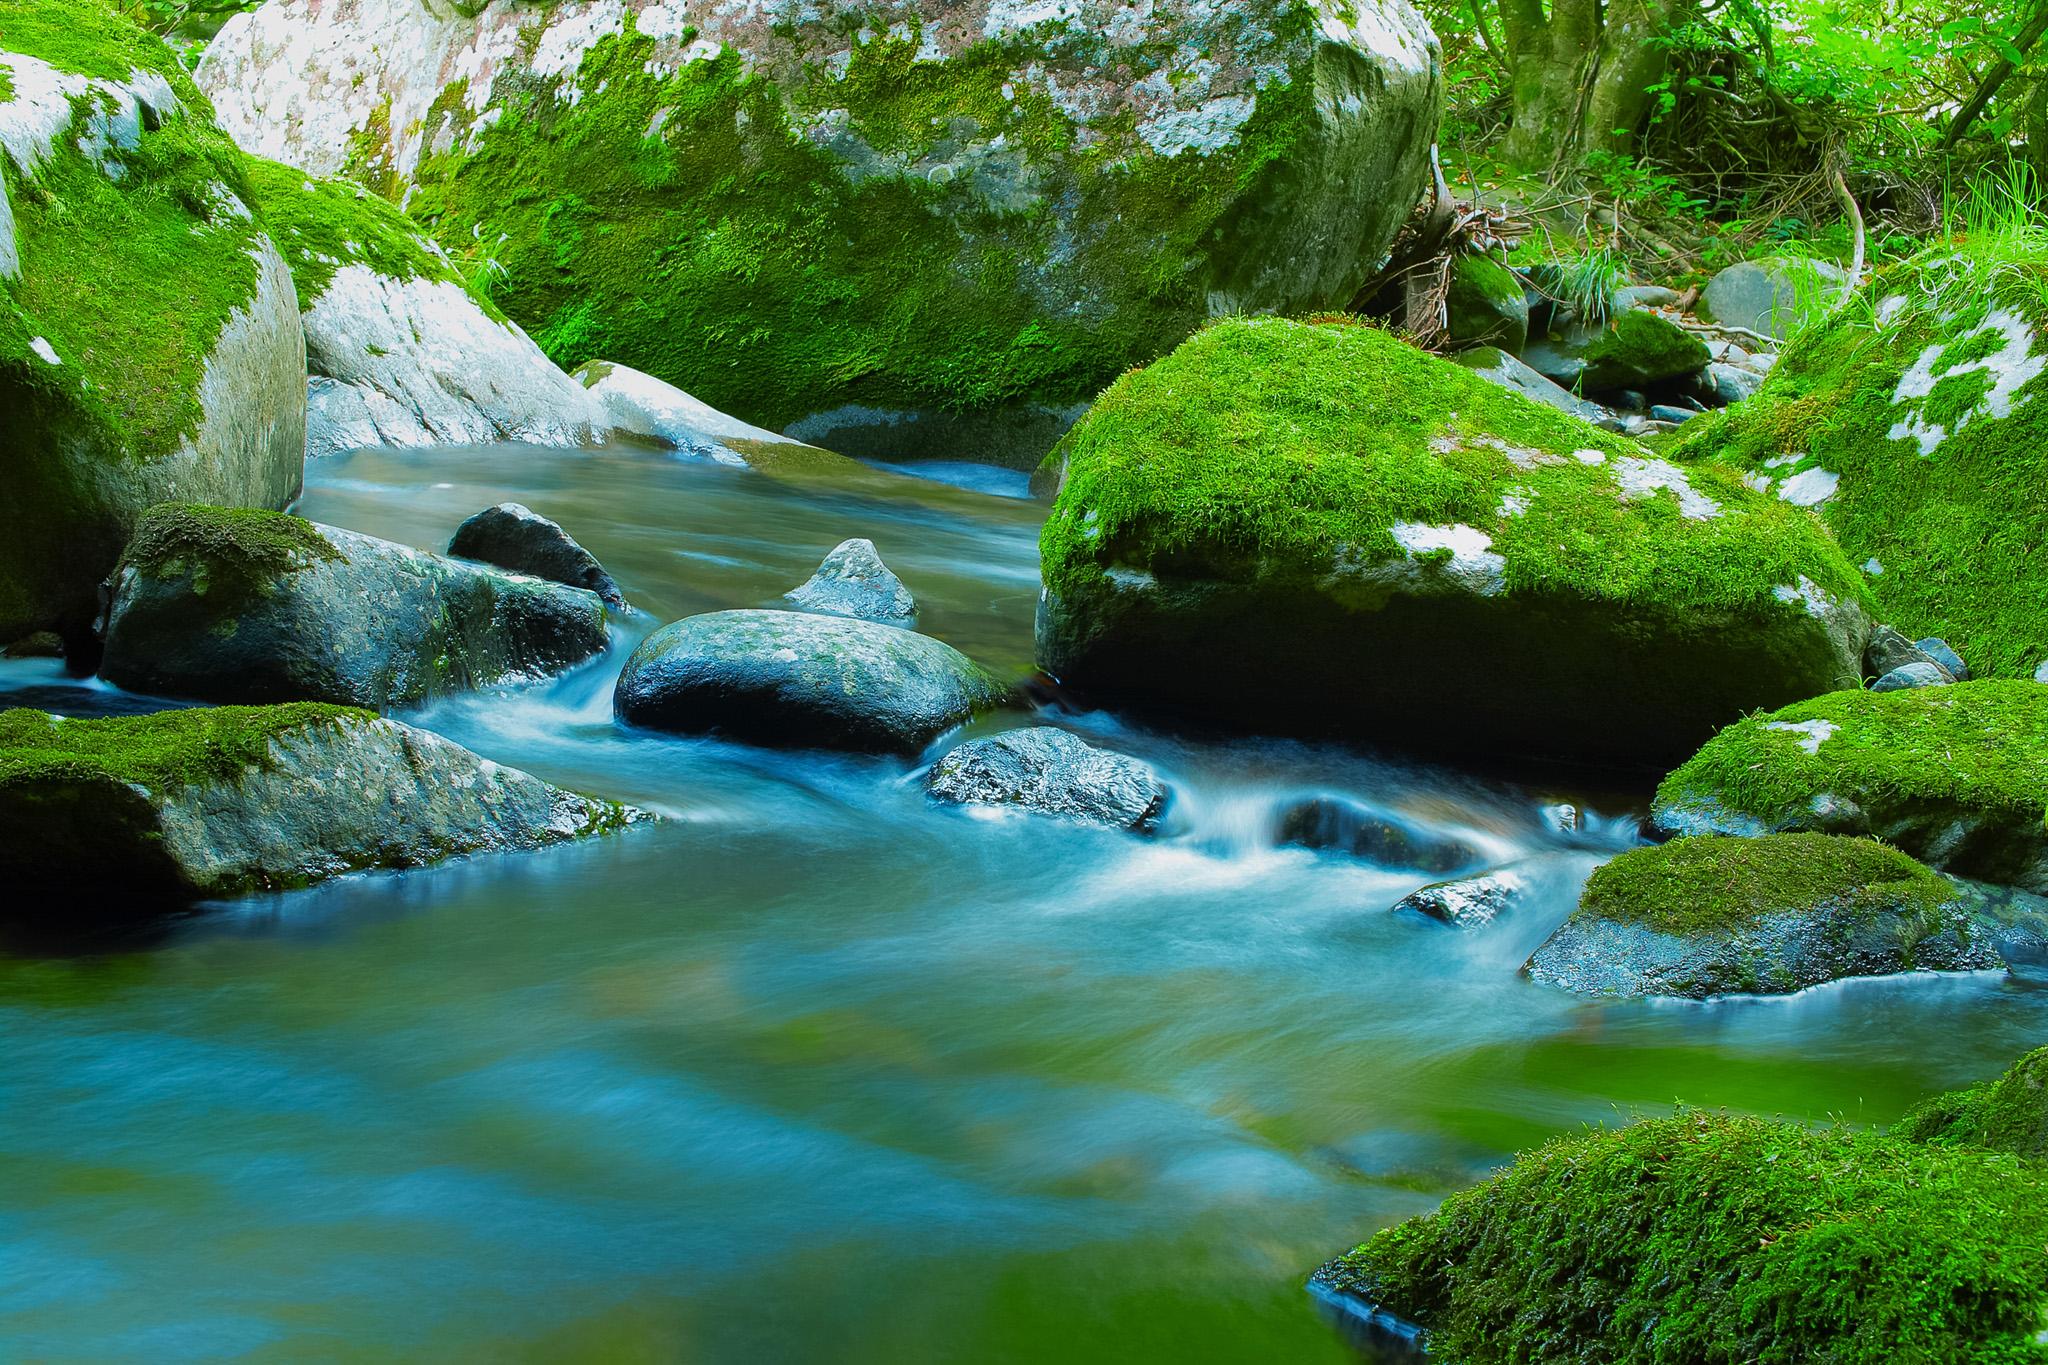 「緑の苔が映える美しい渓流」の画像を無料ダウンロード